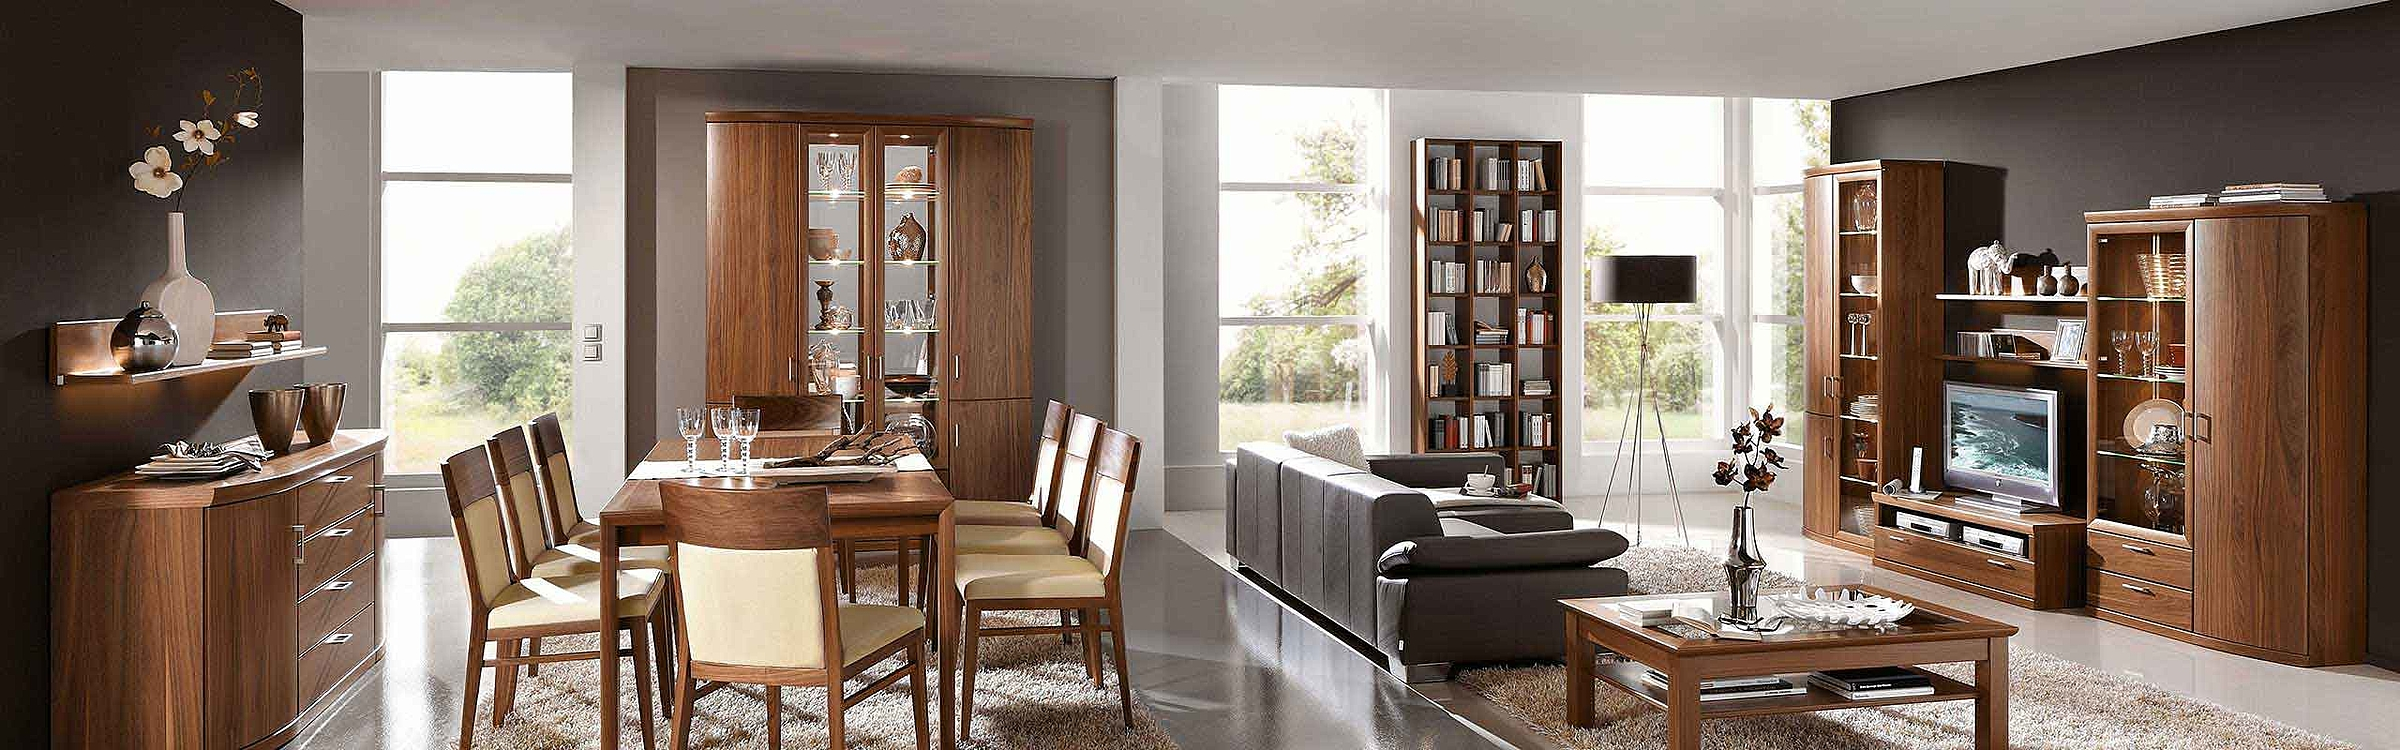 Sideboard Stuhl Esstisch Vitrine Regal Wohnwand Esszimmer Wohnzimmer Malta